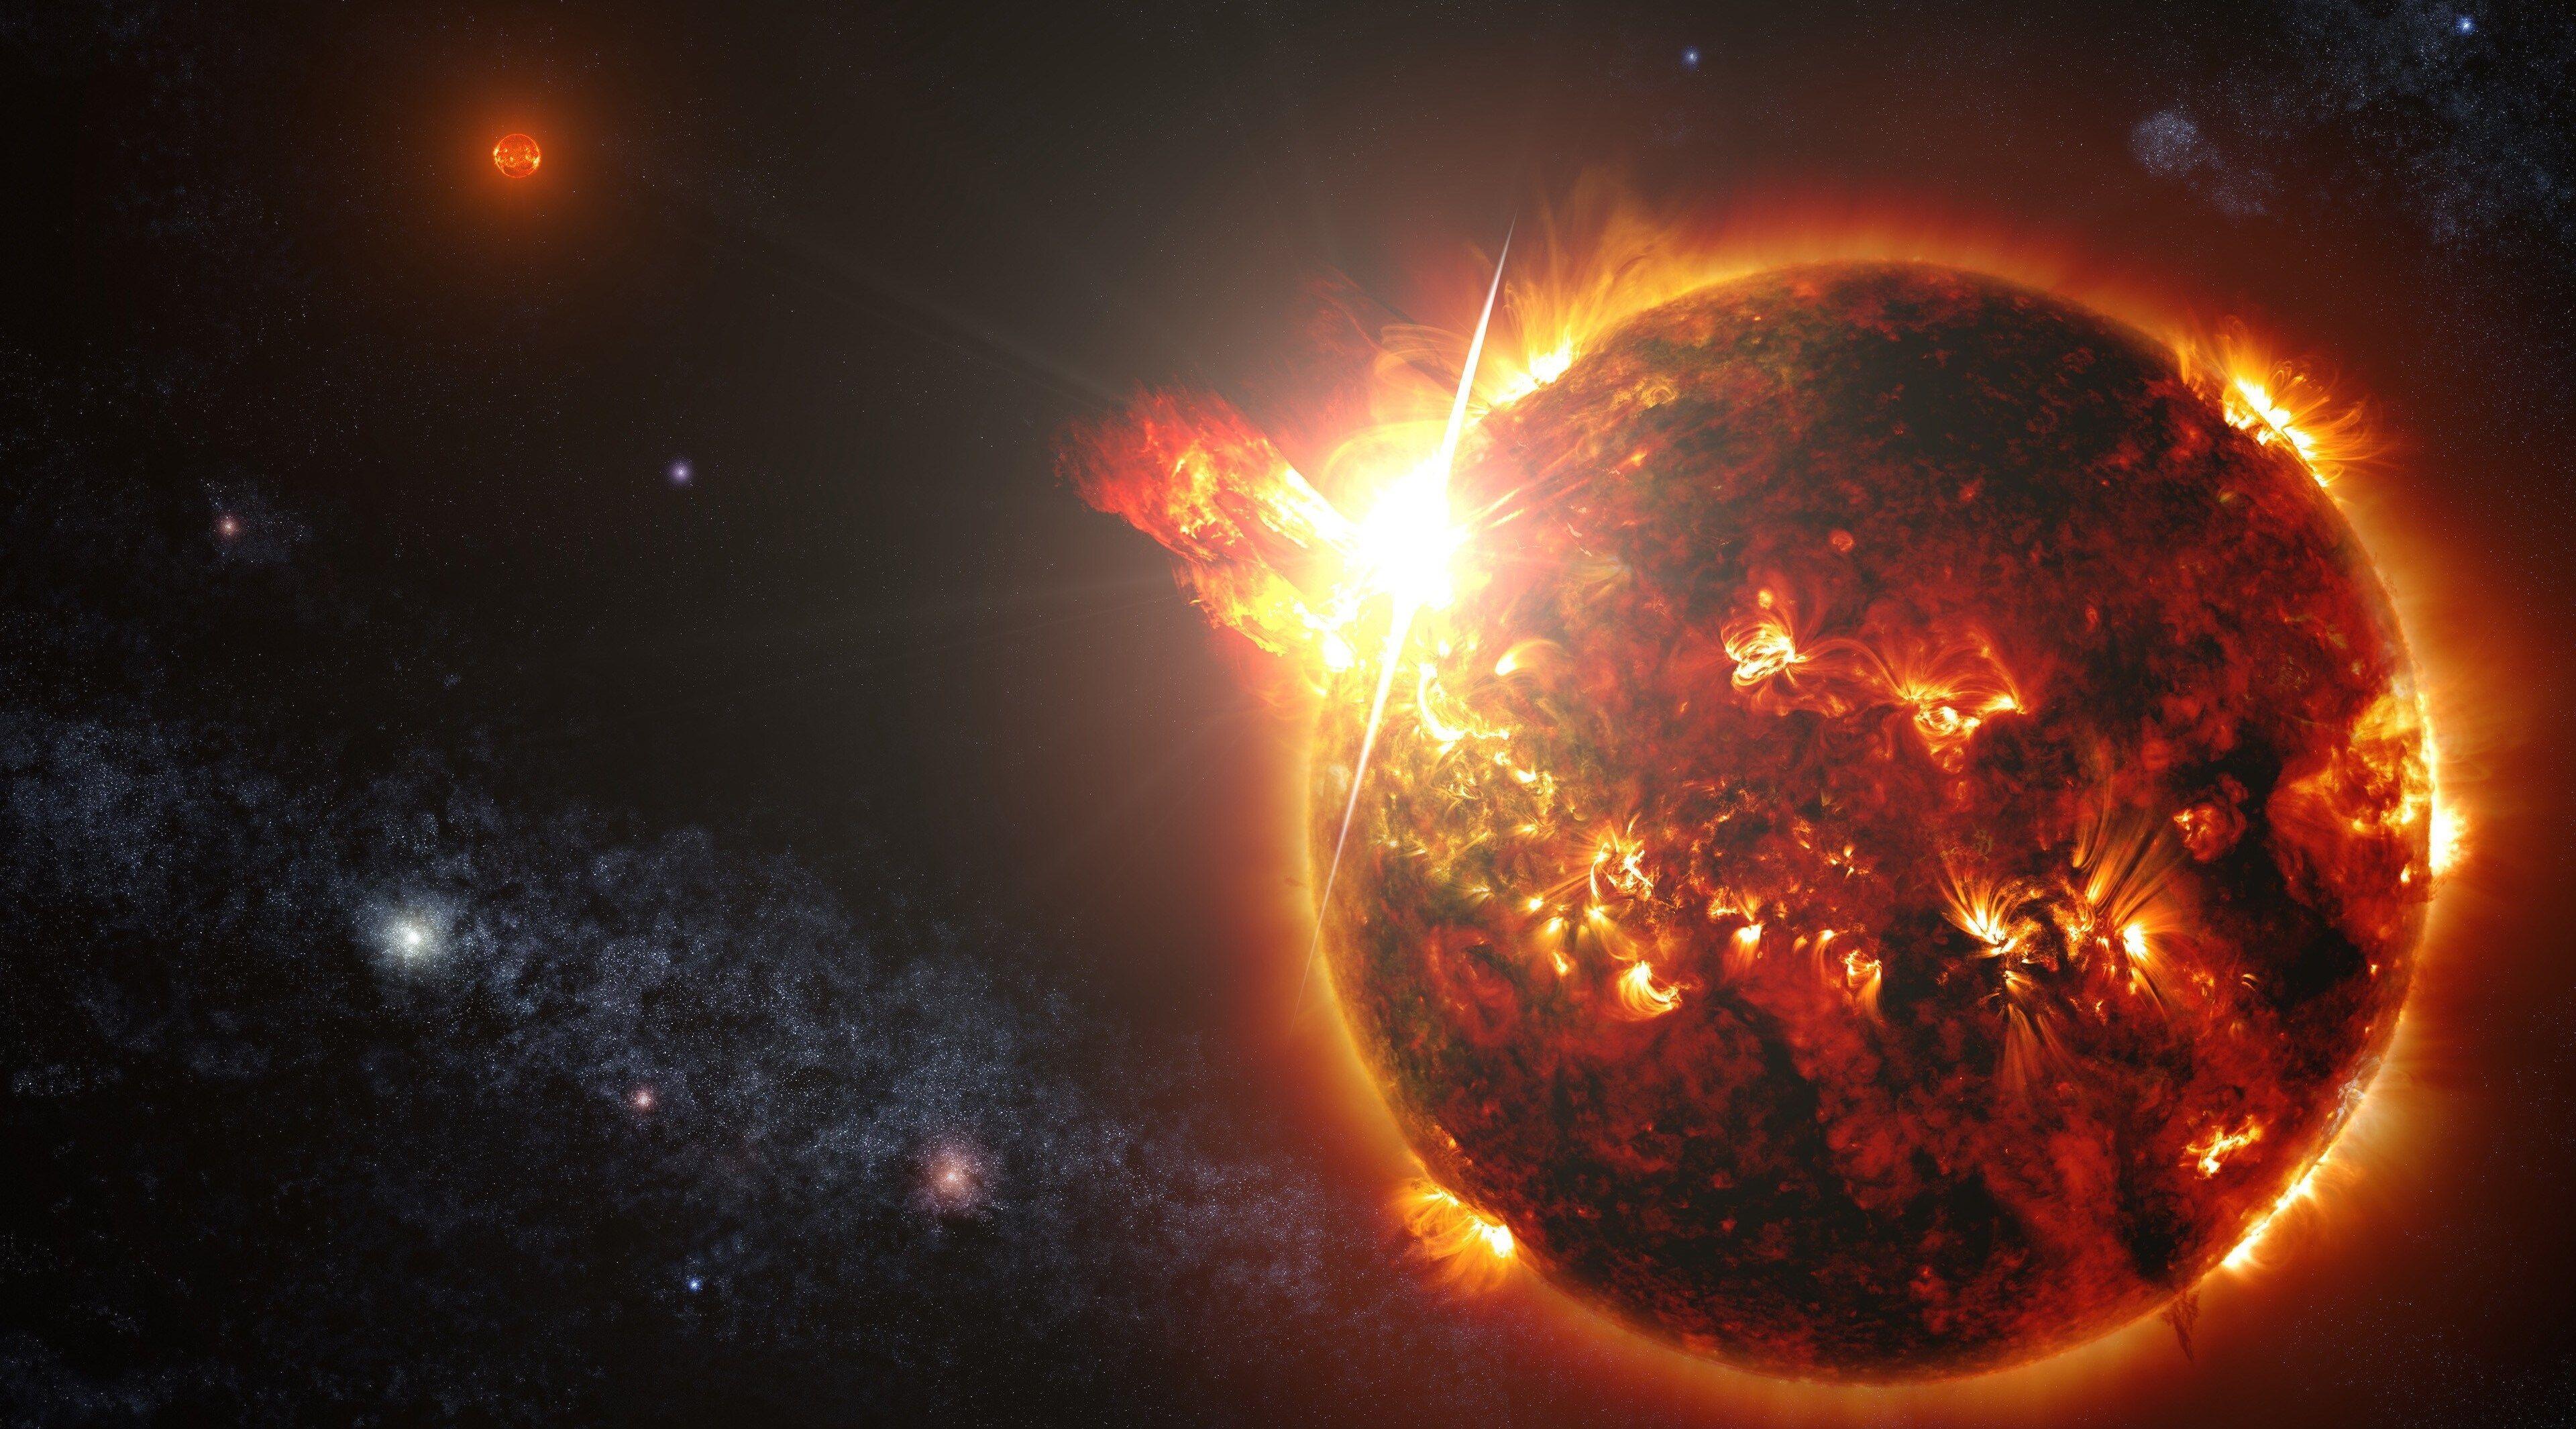 3840x2130 Space Fire Planet 4k Hd Computer Wallpaper Widescreen